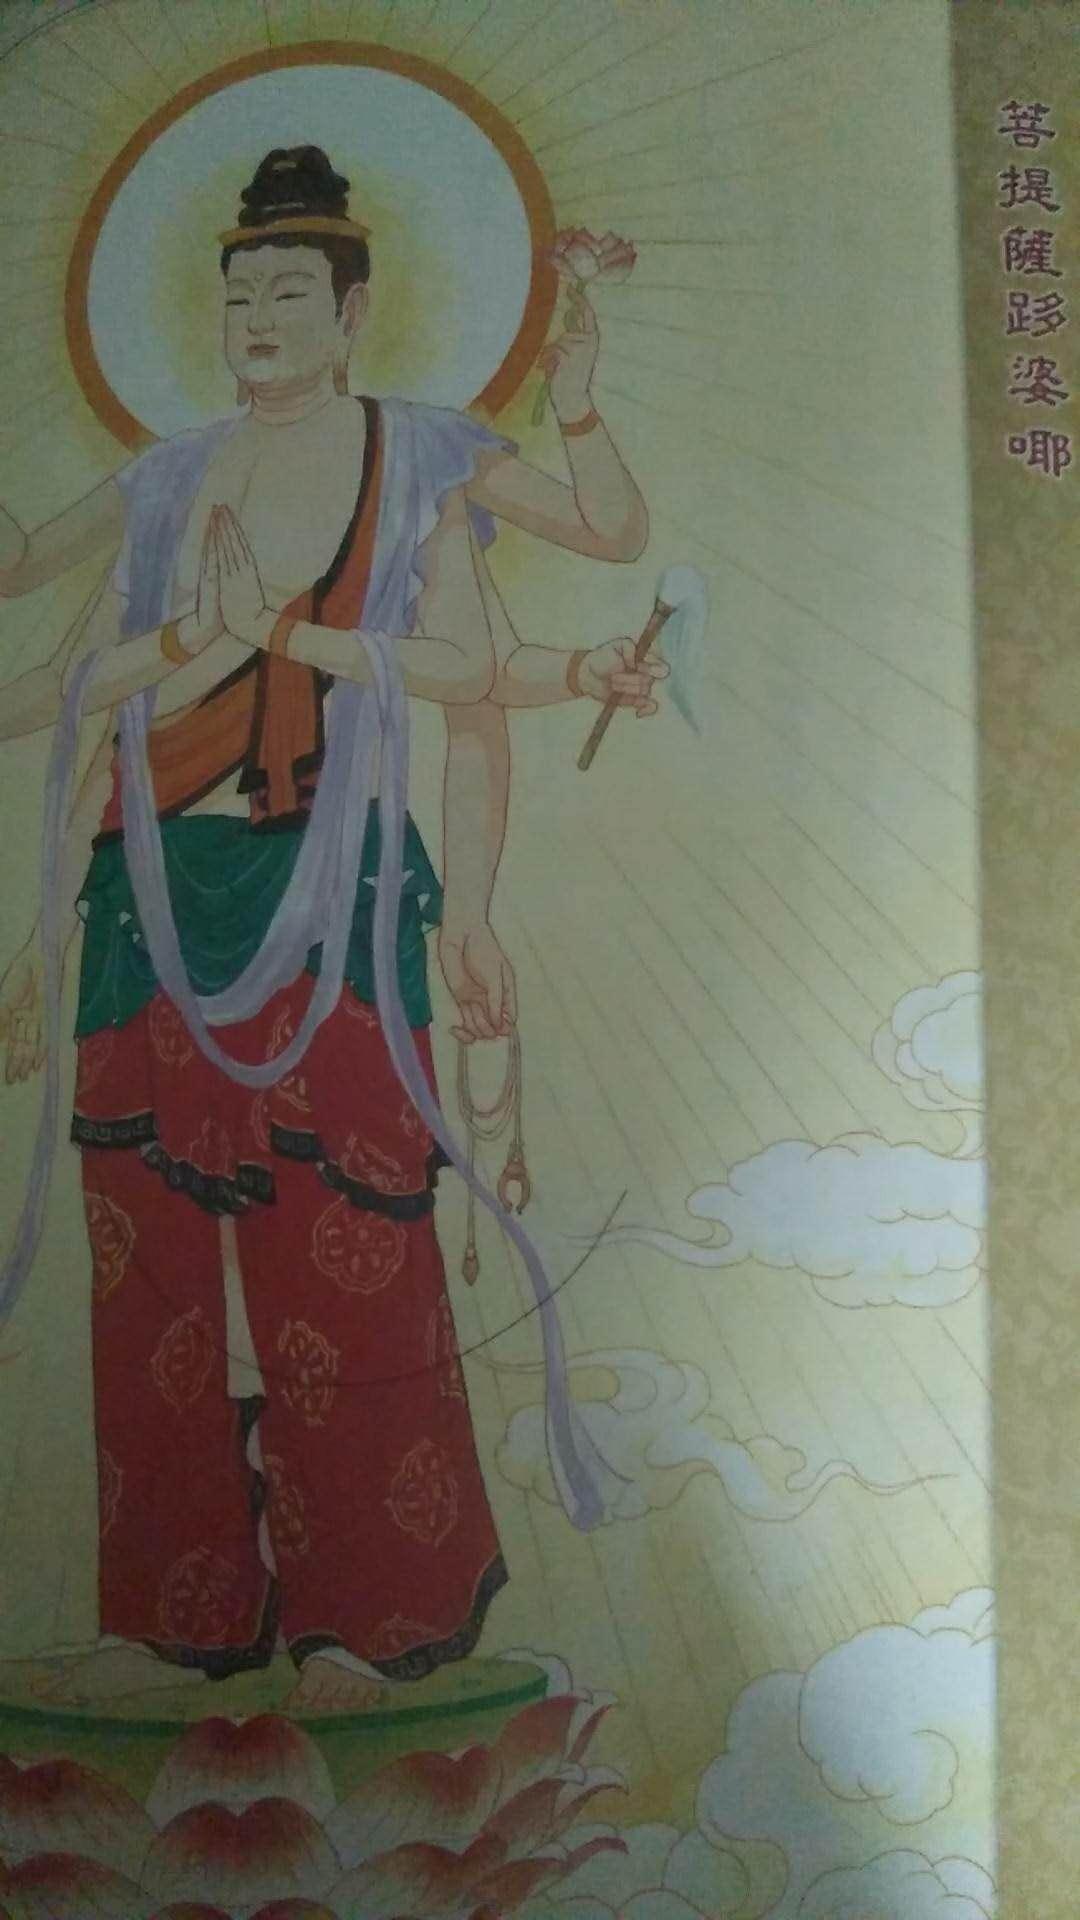 《幸福宣扬大悲咒》:(4)菩提萨埵婆耶